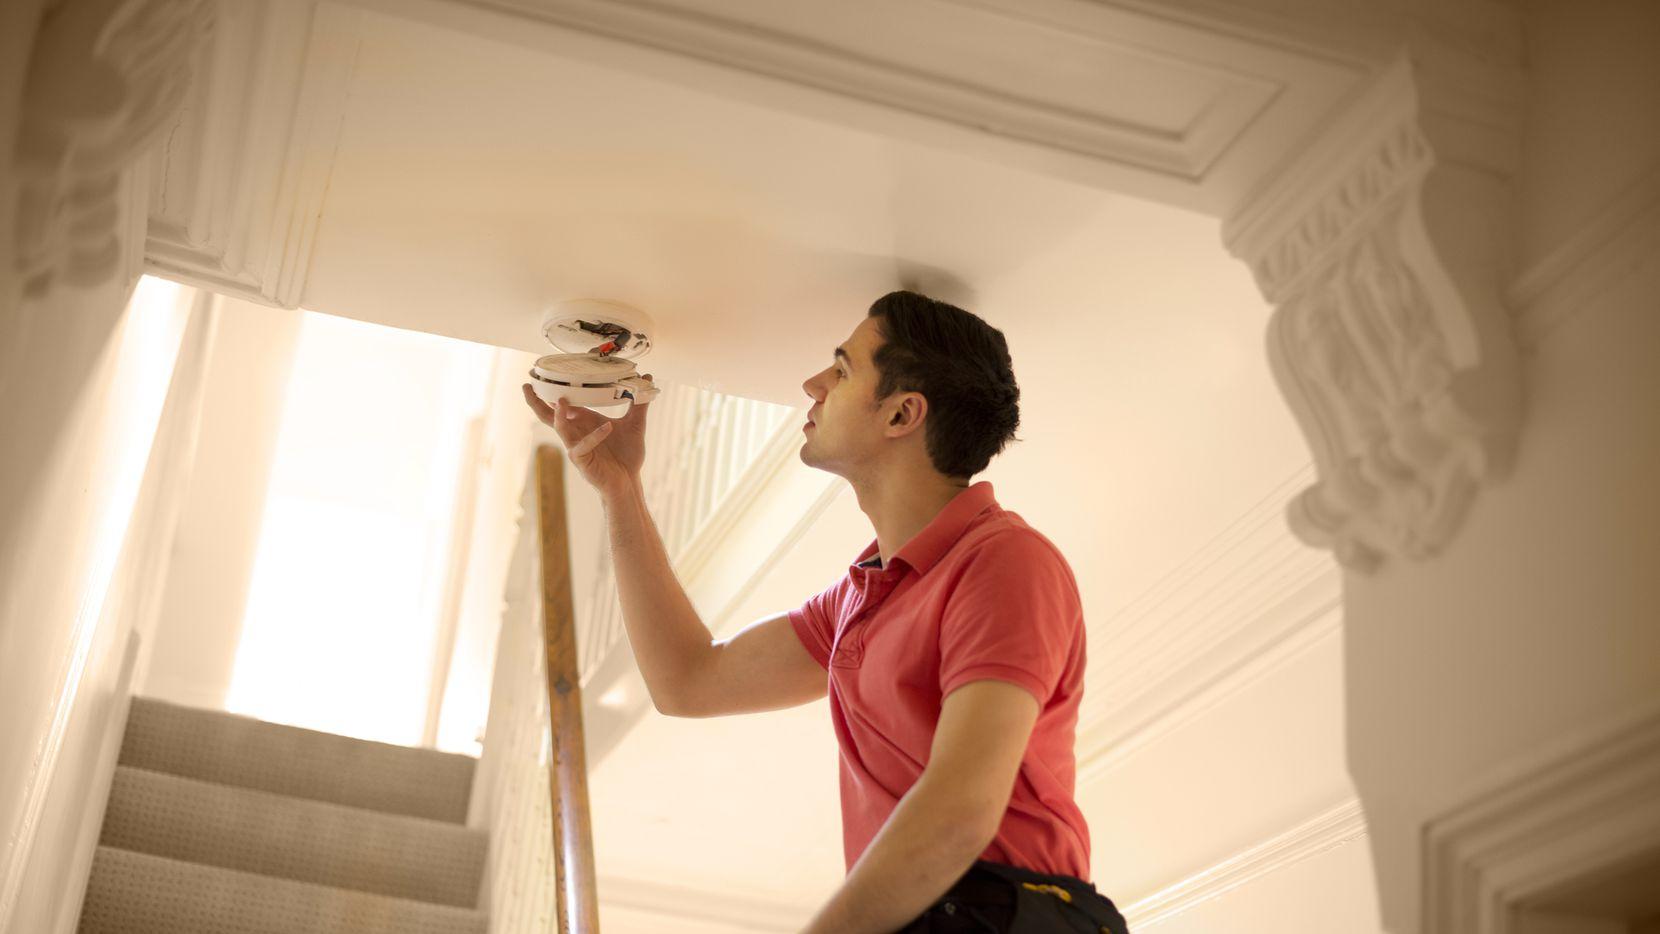 El 41% de las muertes por incendios domésticos ocurren en hogares donde no hay detectores de humo y el 16% en hogares que tienen detectores que fallaron en activarse, por lo que es de suma importancia revisarlos constantemente y cambiar las baterías periódicamente.